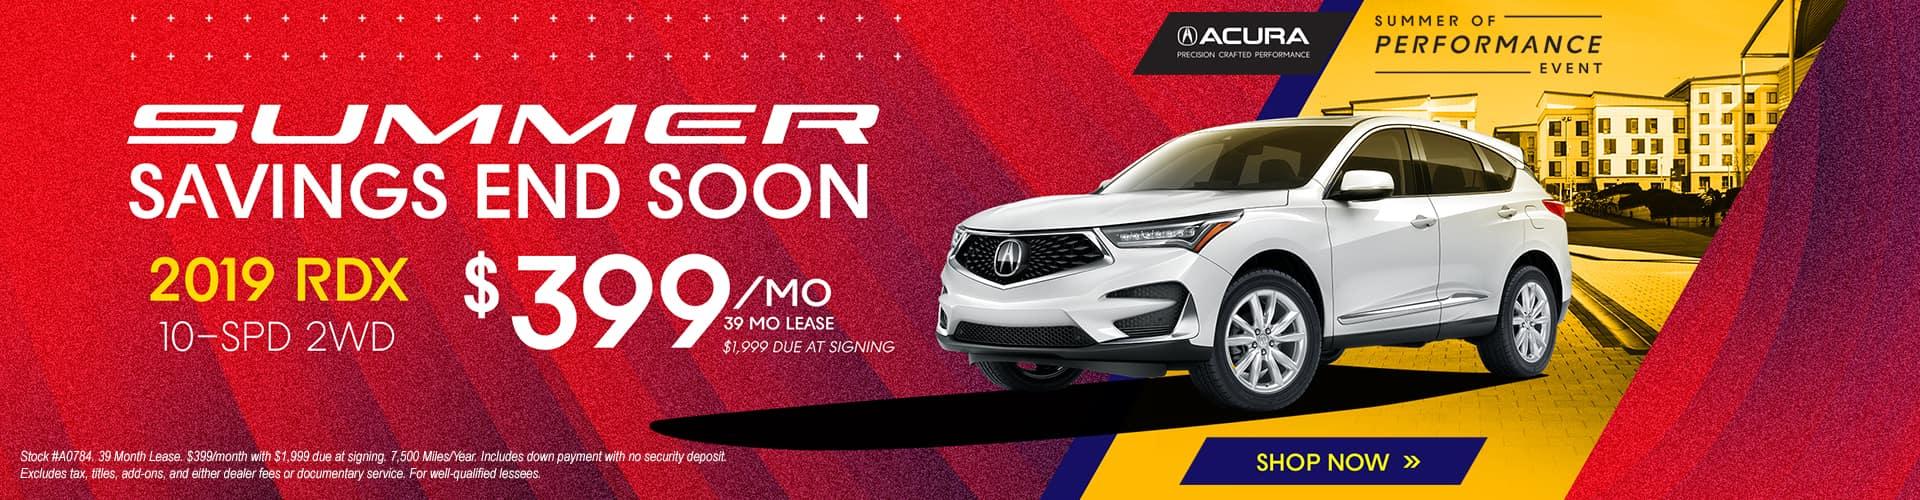 2019 Acura RDX $399 Lease